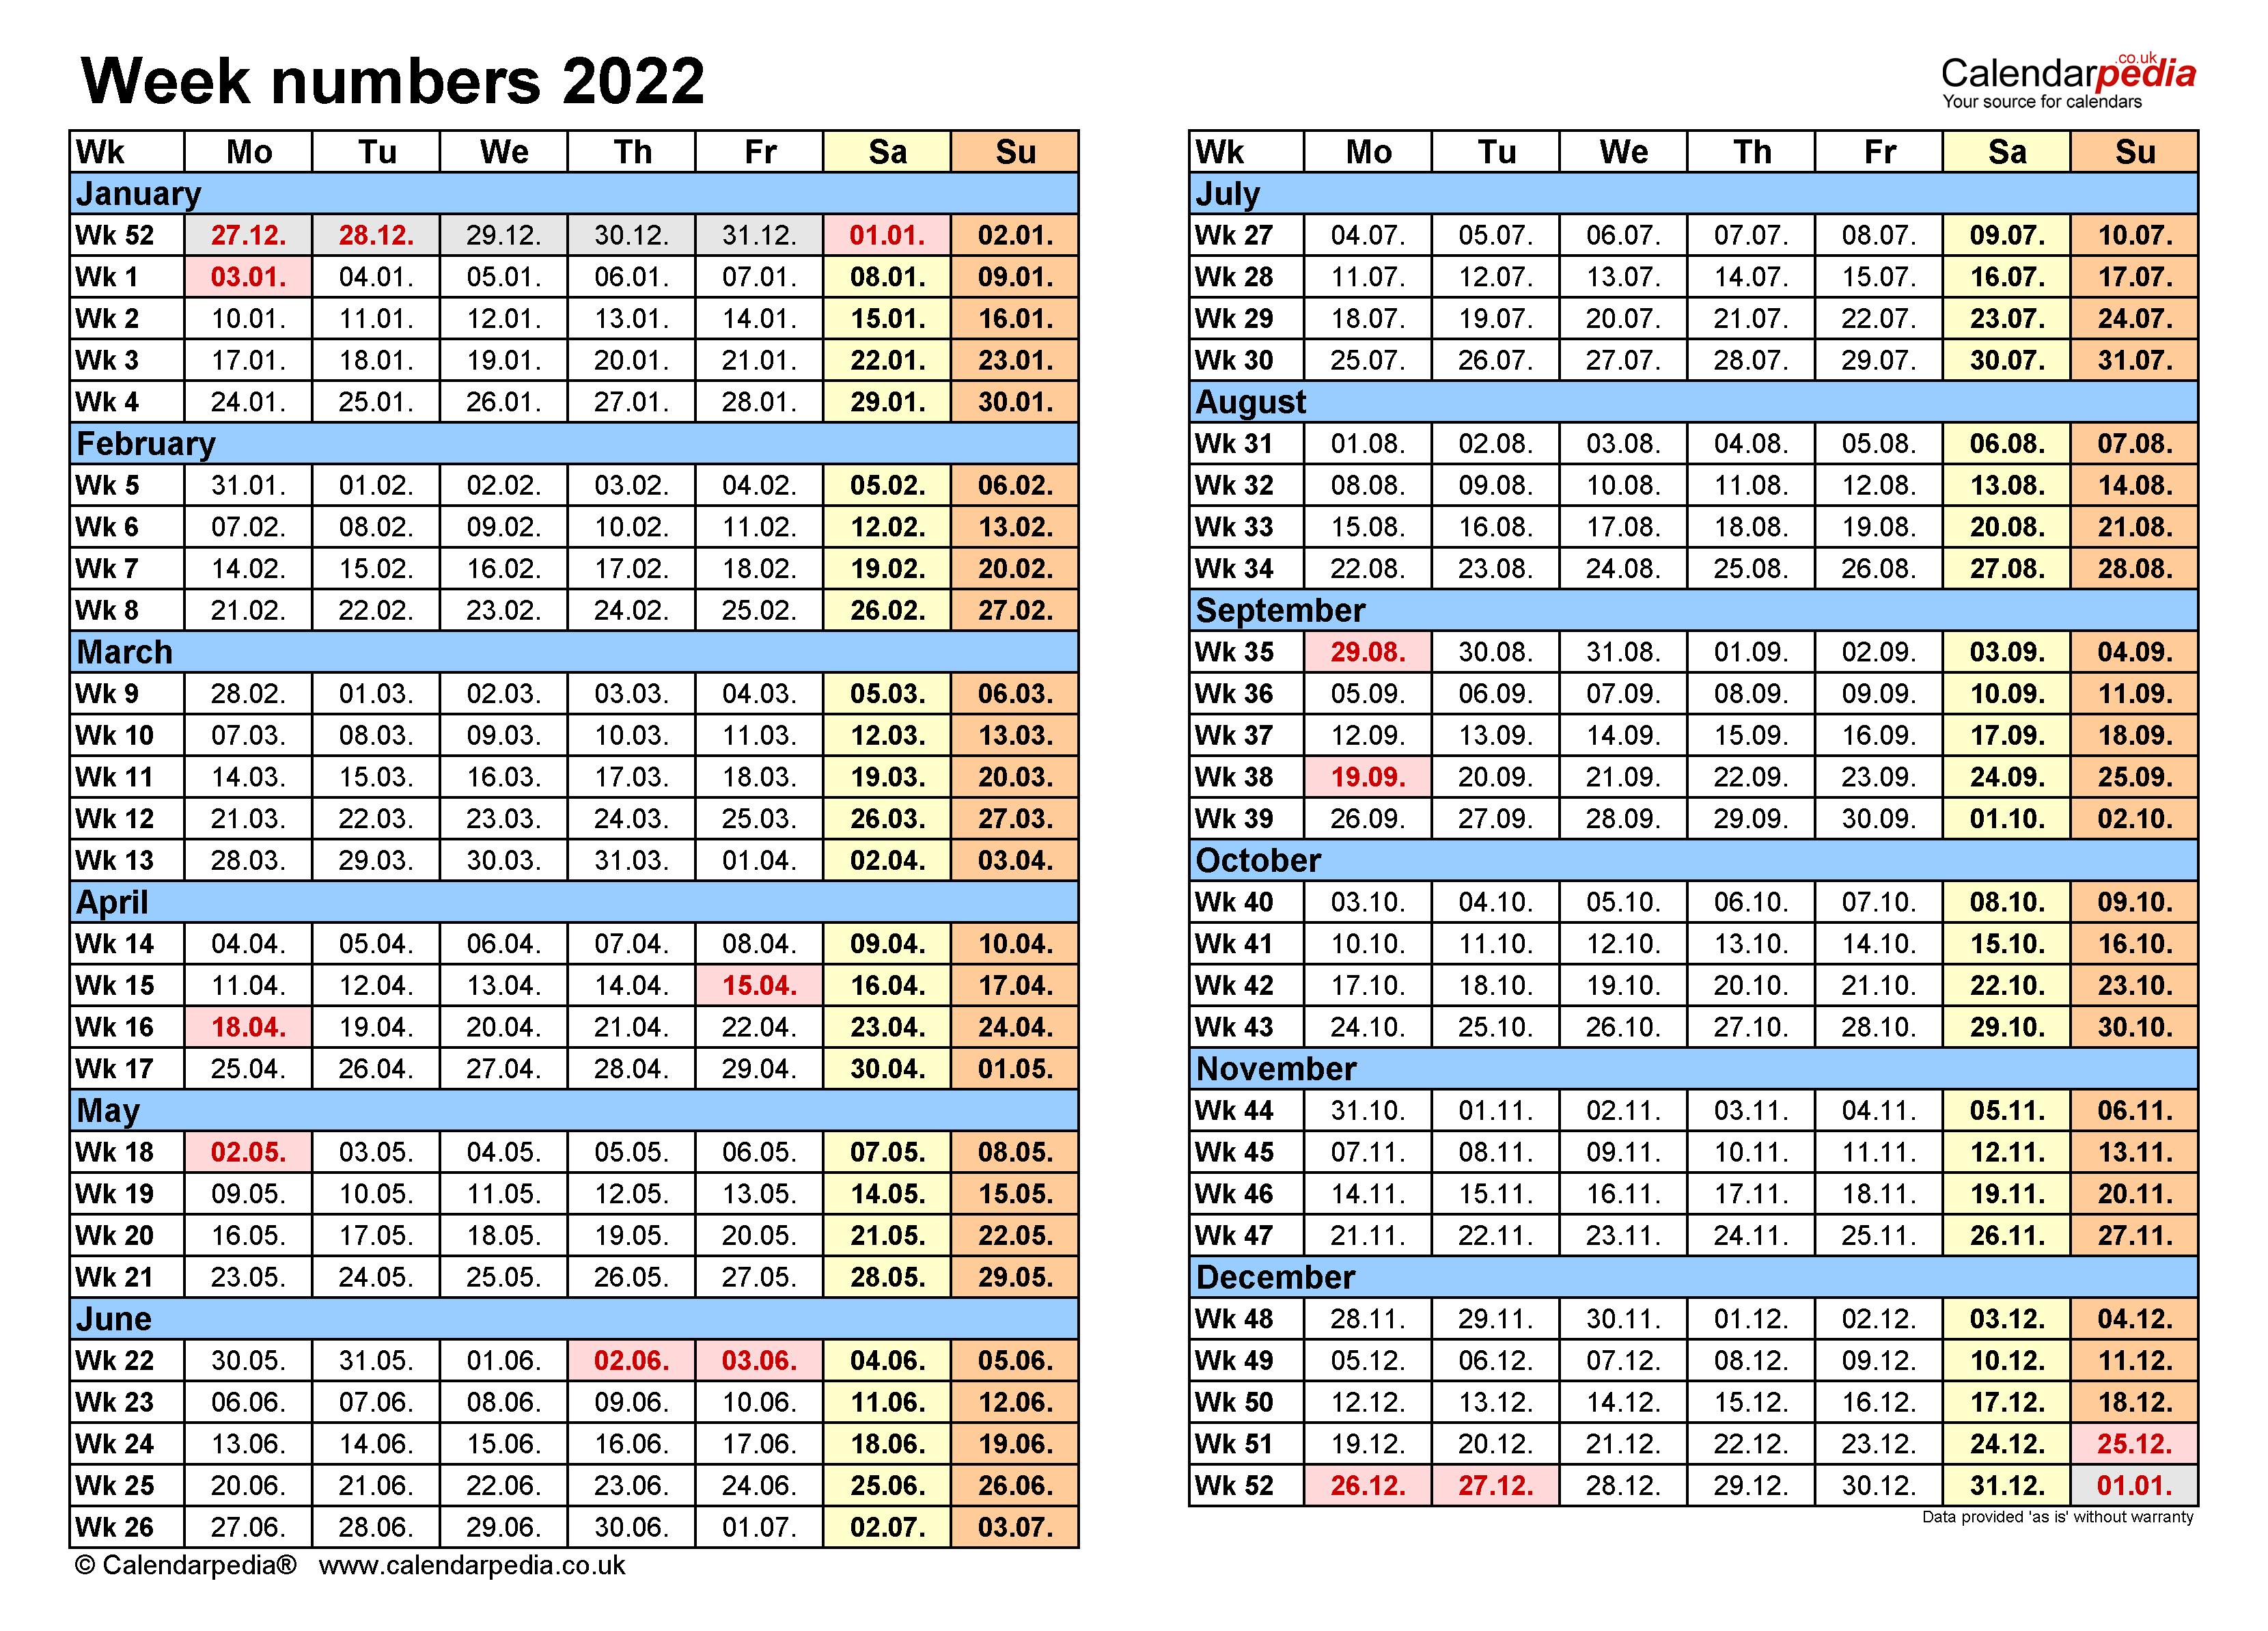 Week Number Calendar 2022.Week Numbers 2022 With Excel Word And Pdf Templates